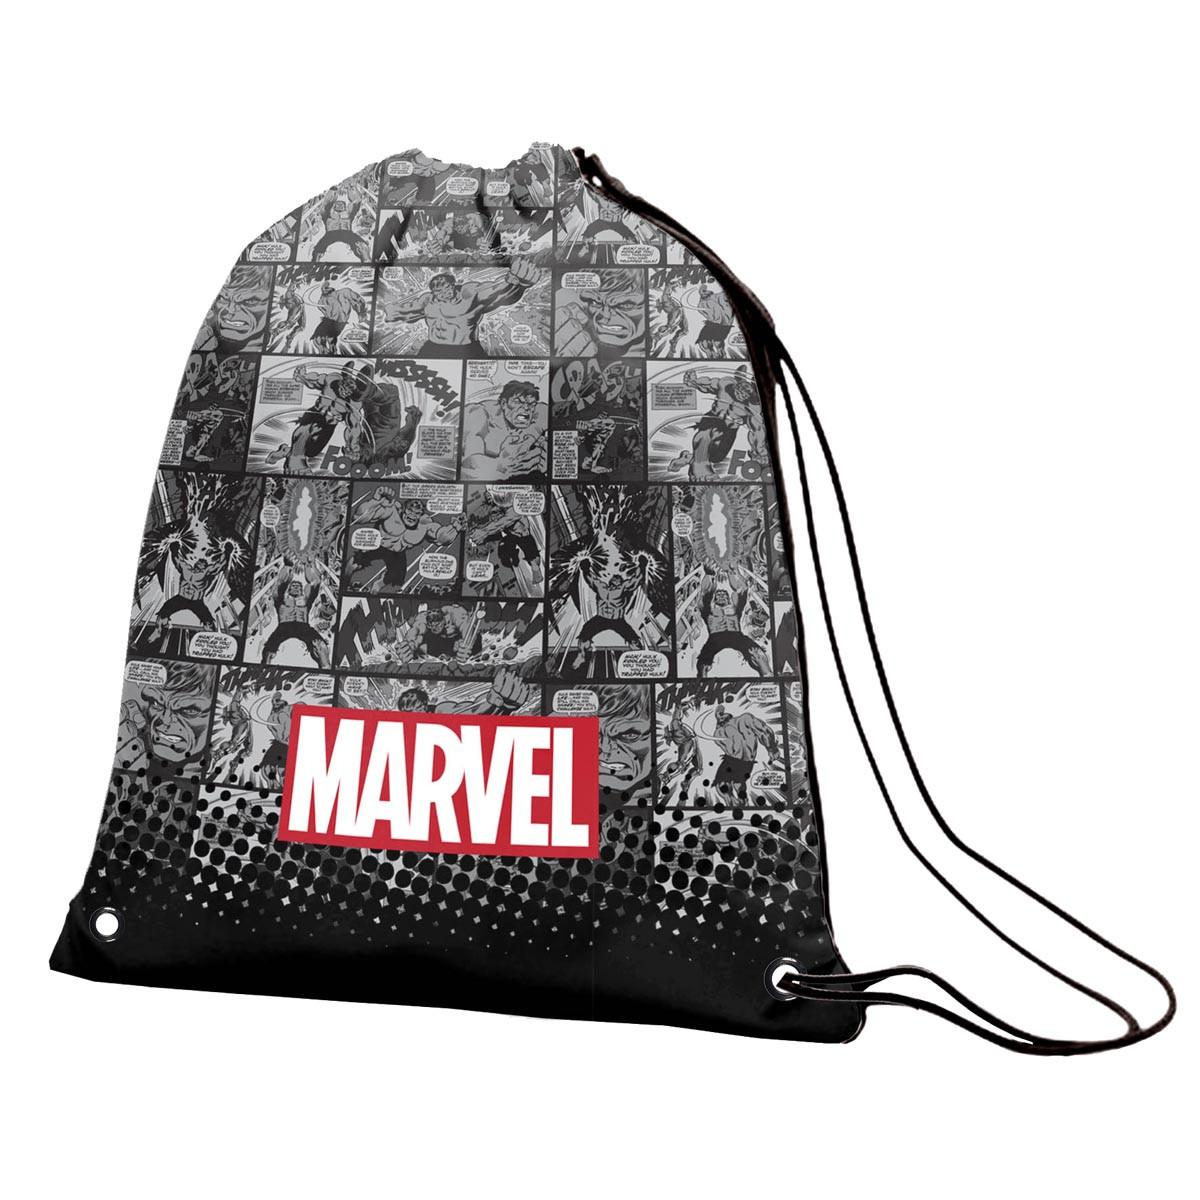 Сумка для обуви YES SB-10 Marvel.Avengers